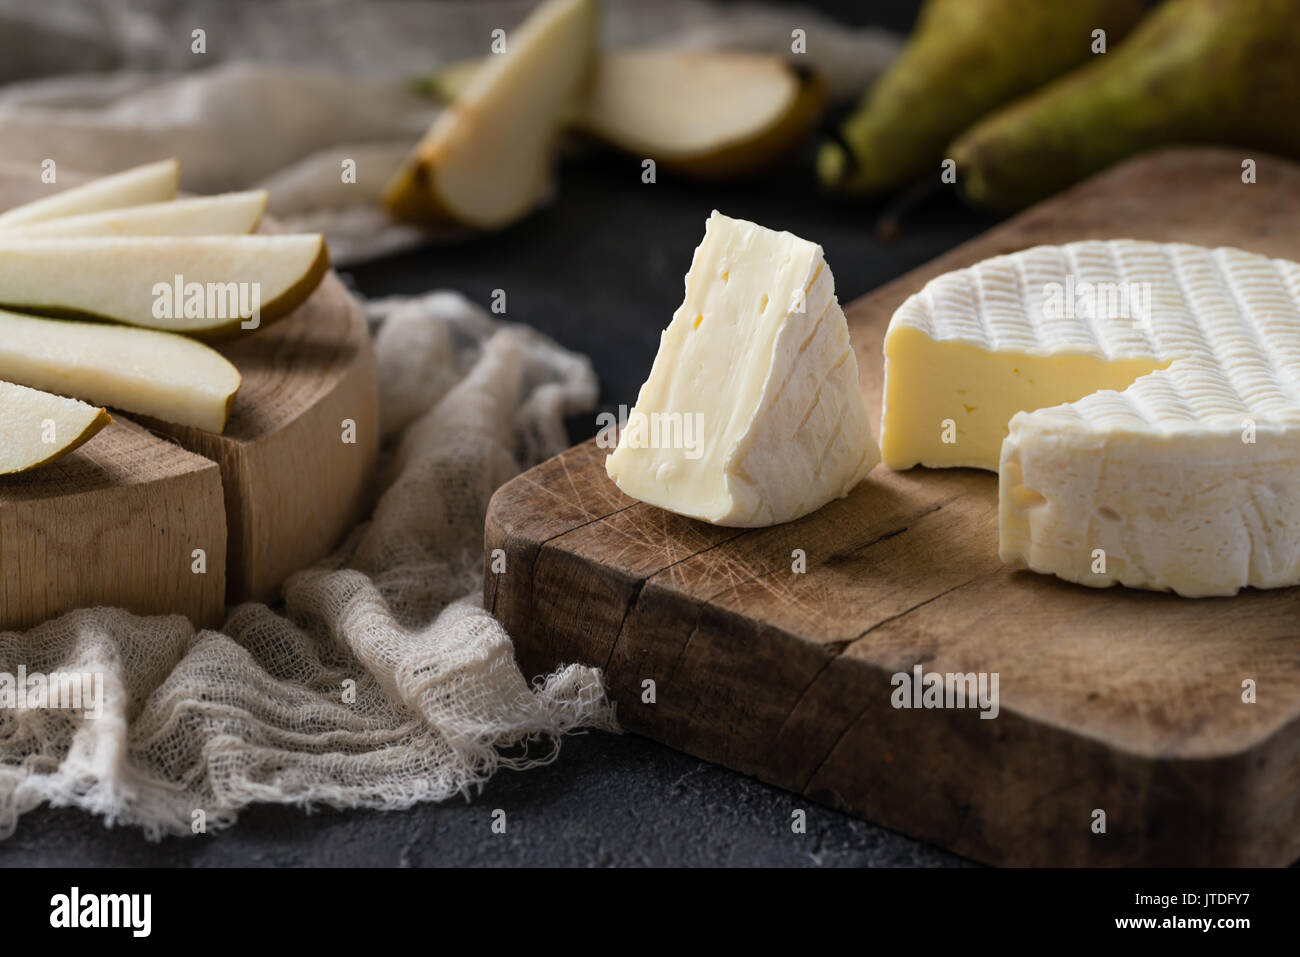 Francese di formaggio morbido dalla regione della Normandia affettata con pera su una tavola di legno scuro su sfondo rustico Immagini Stock